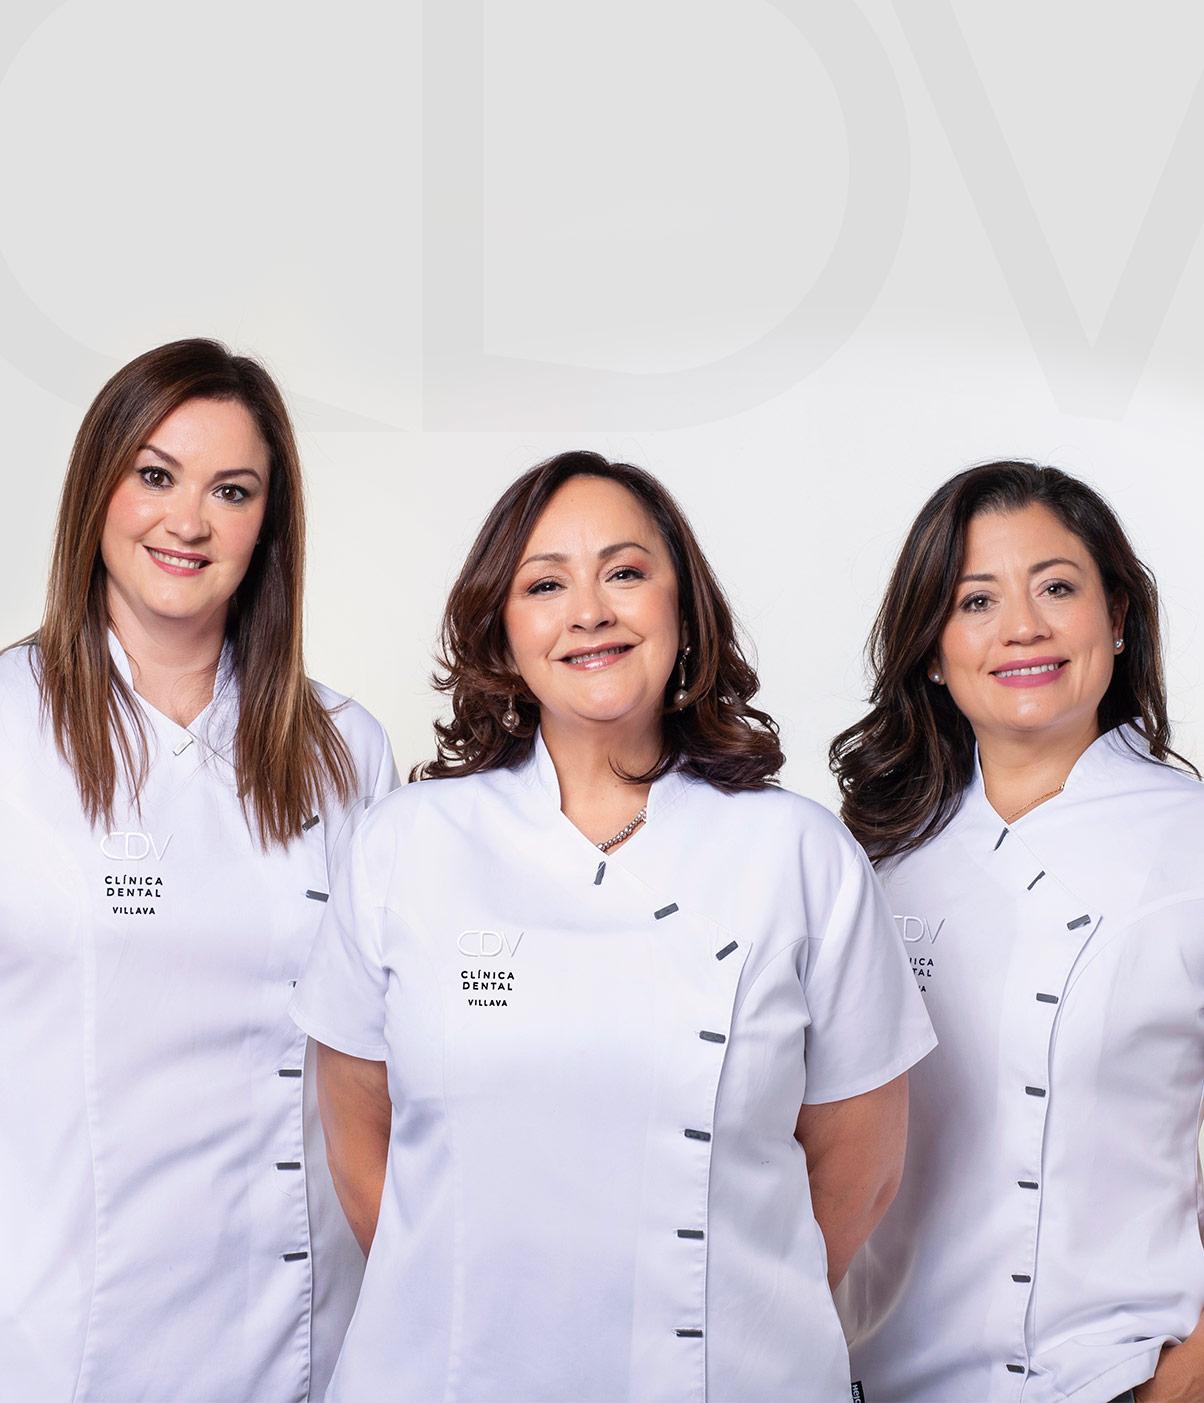 Marisa, Marina y Lourdes del equipo de la Clínica Dental Villava